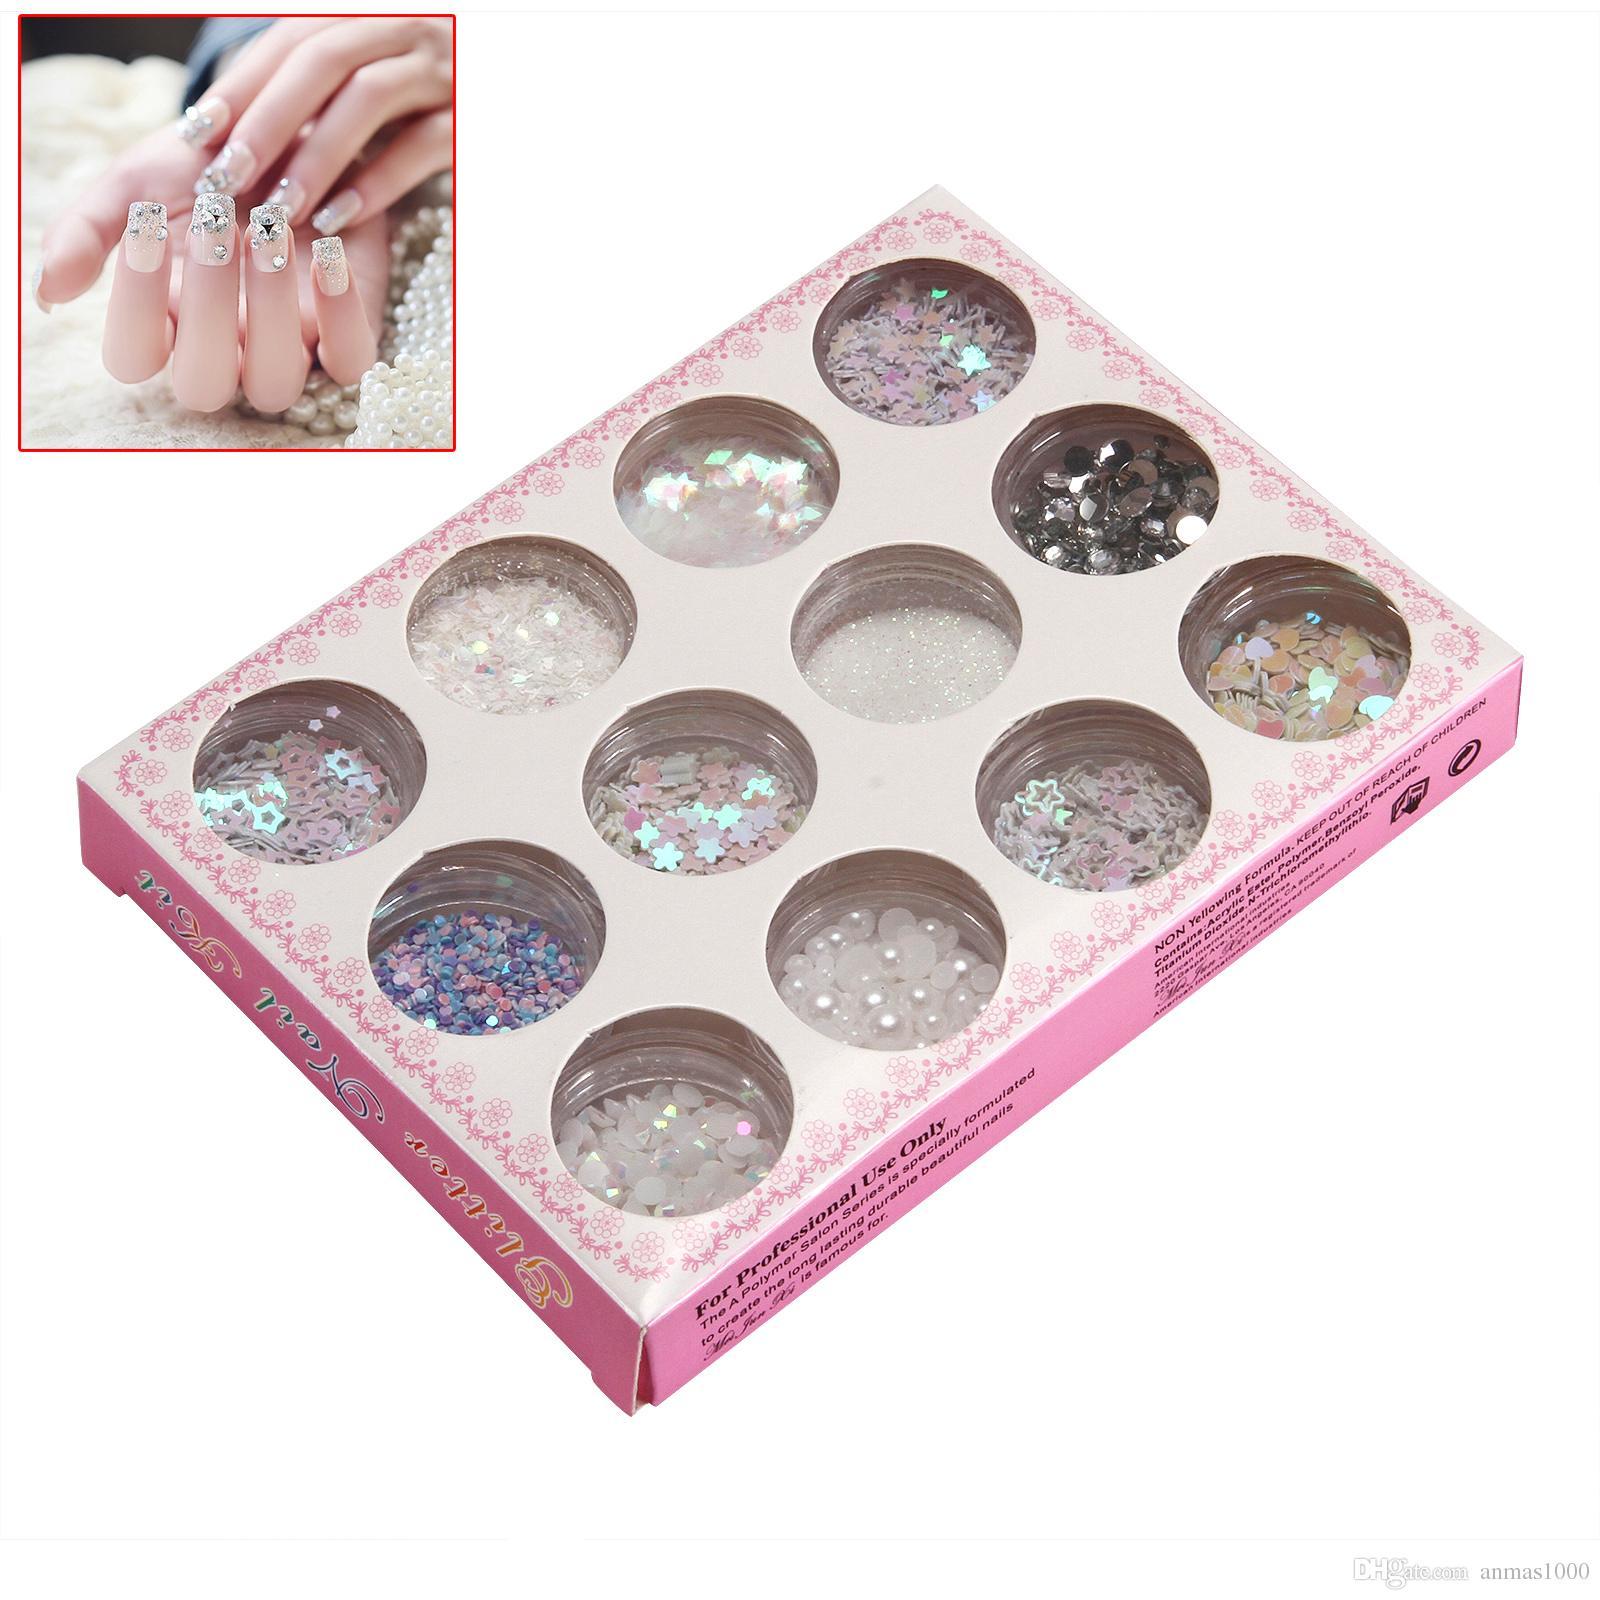 Hot Sale !!!! Nail Art Glitter Tips Decoration Dust Set Kit For Uv ...